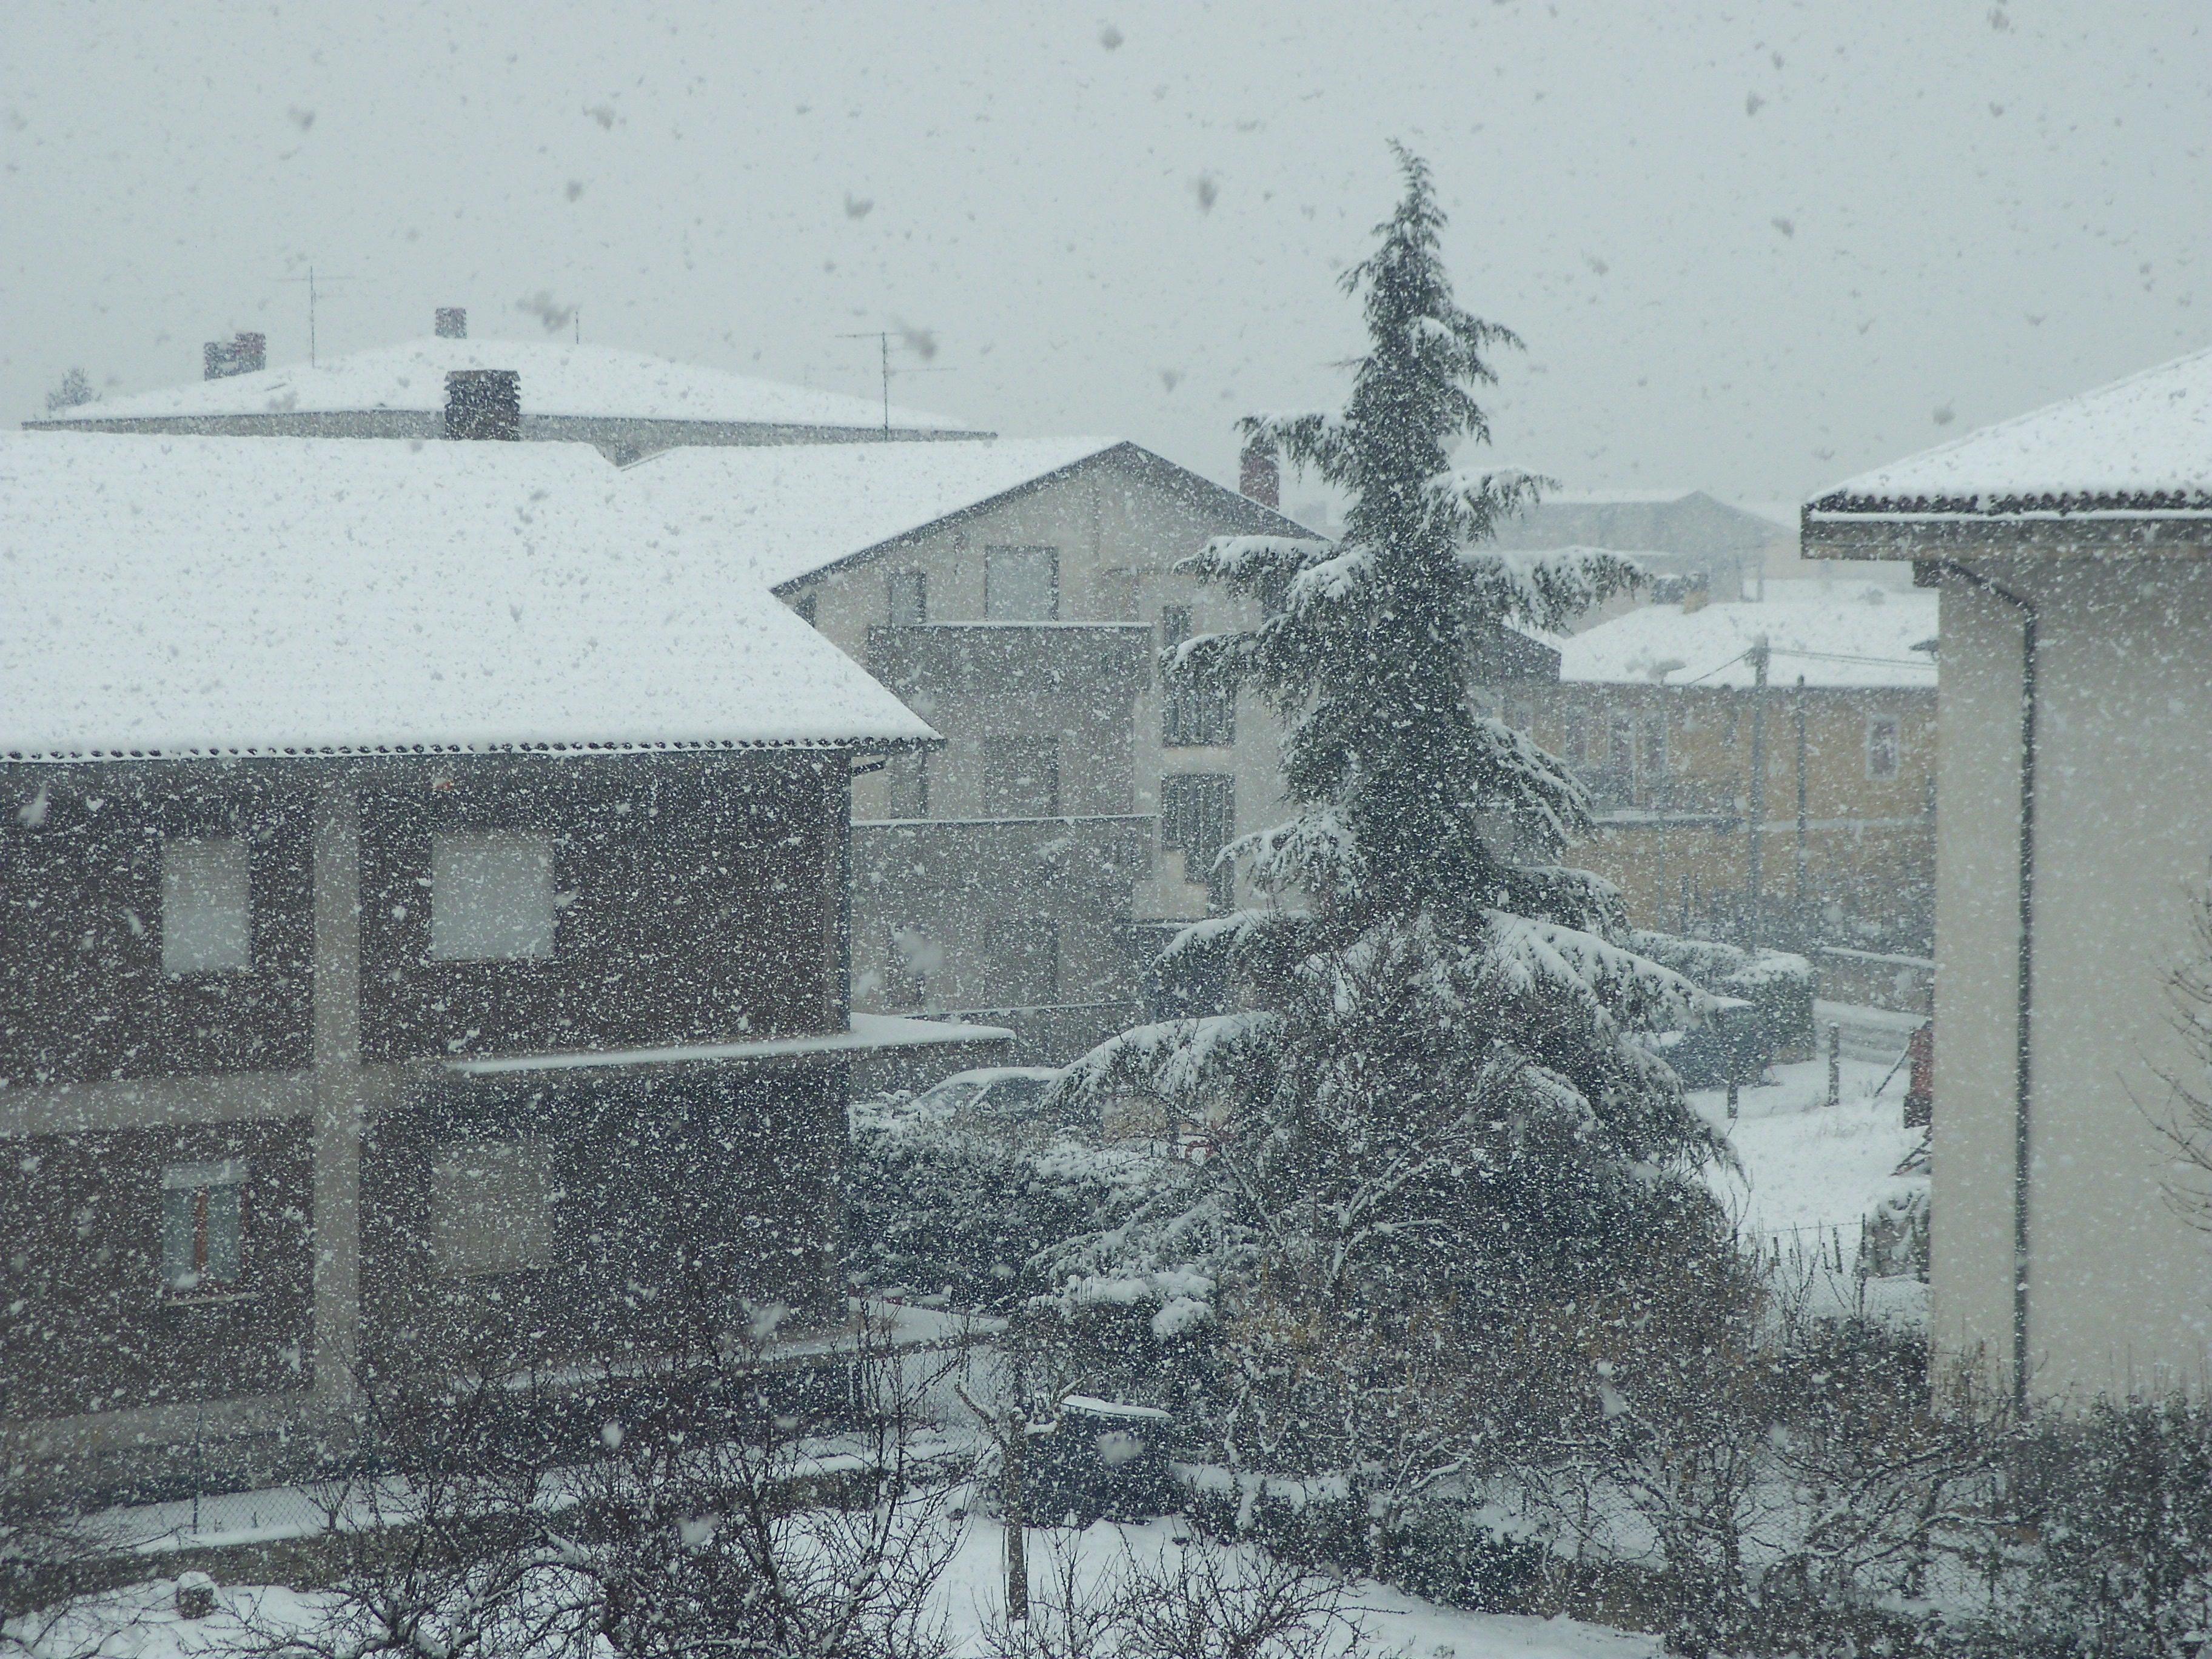 Robert Volpe - Tanta neve anche sull'Appennino centrale. Ecco Avezzano (AQ)